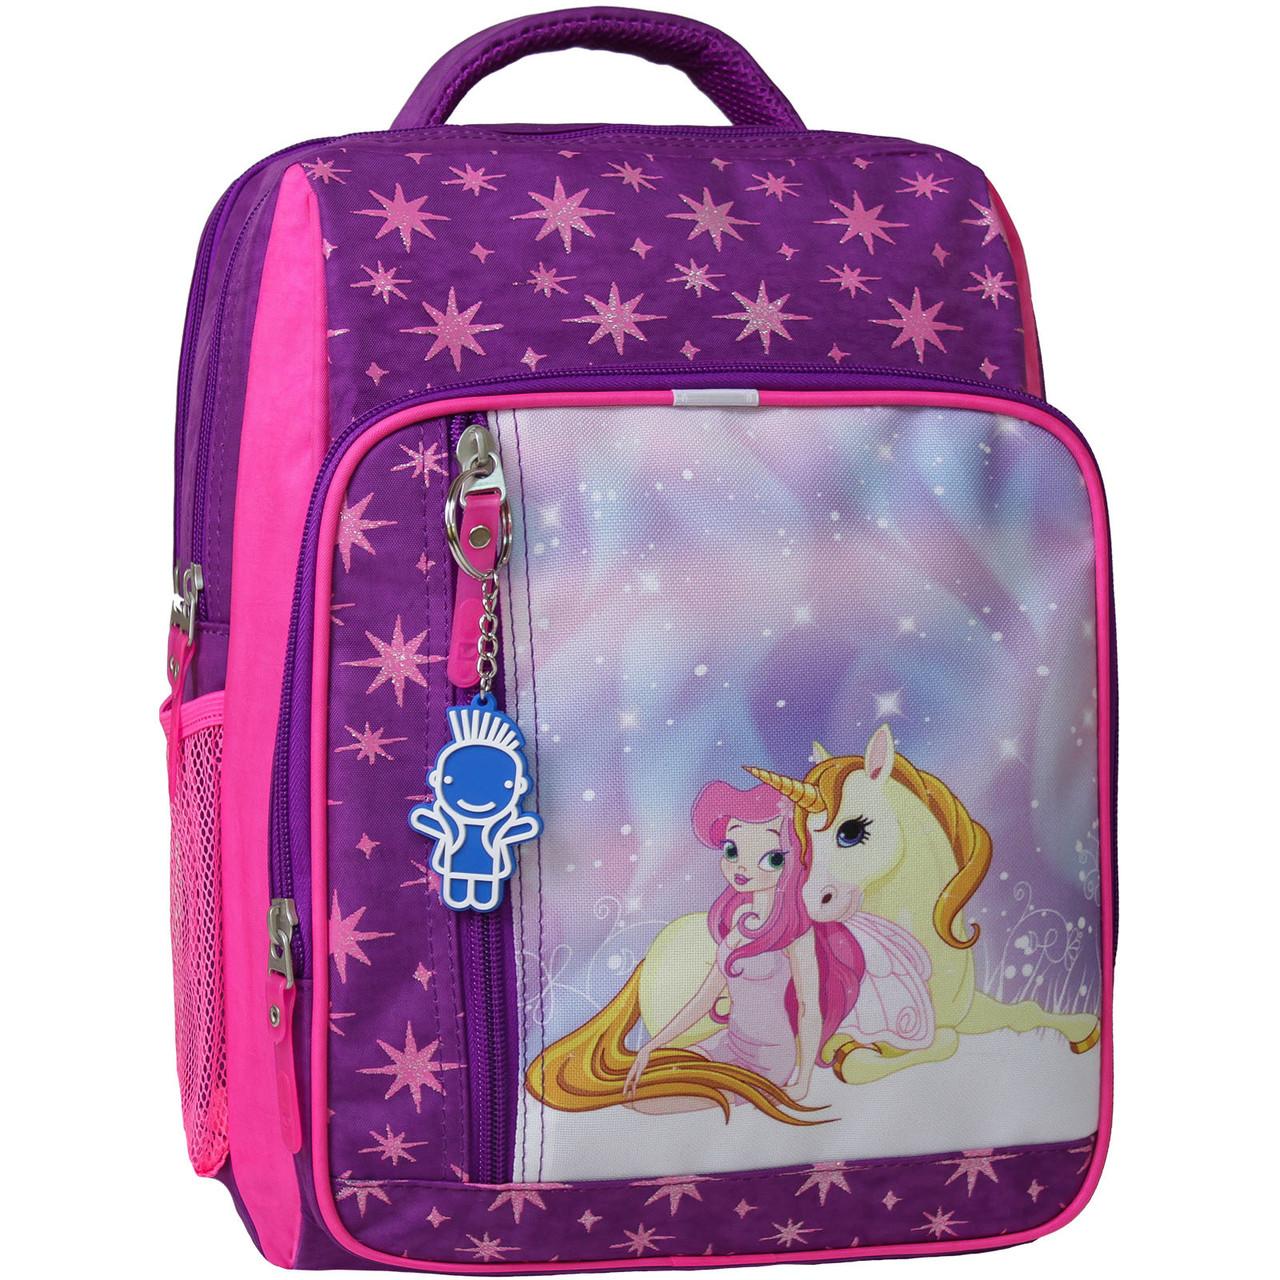 Рюкзак школьный 8 л. фиолетовый 387 (0012870)